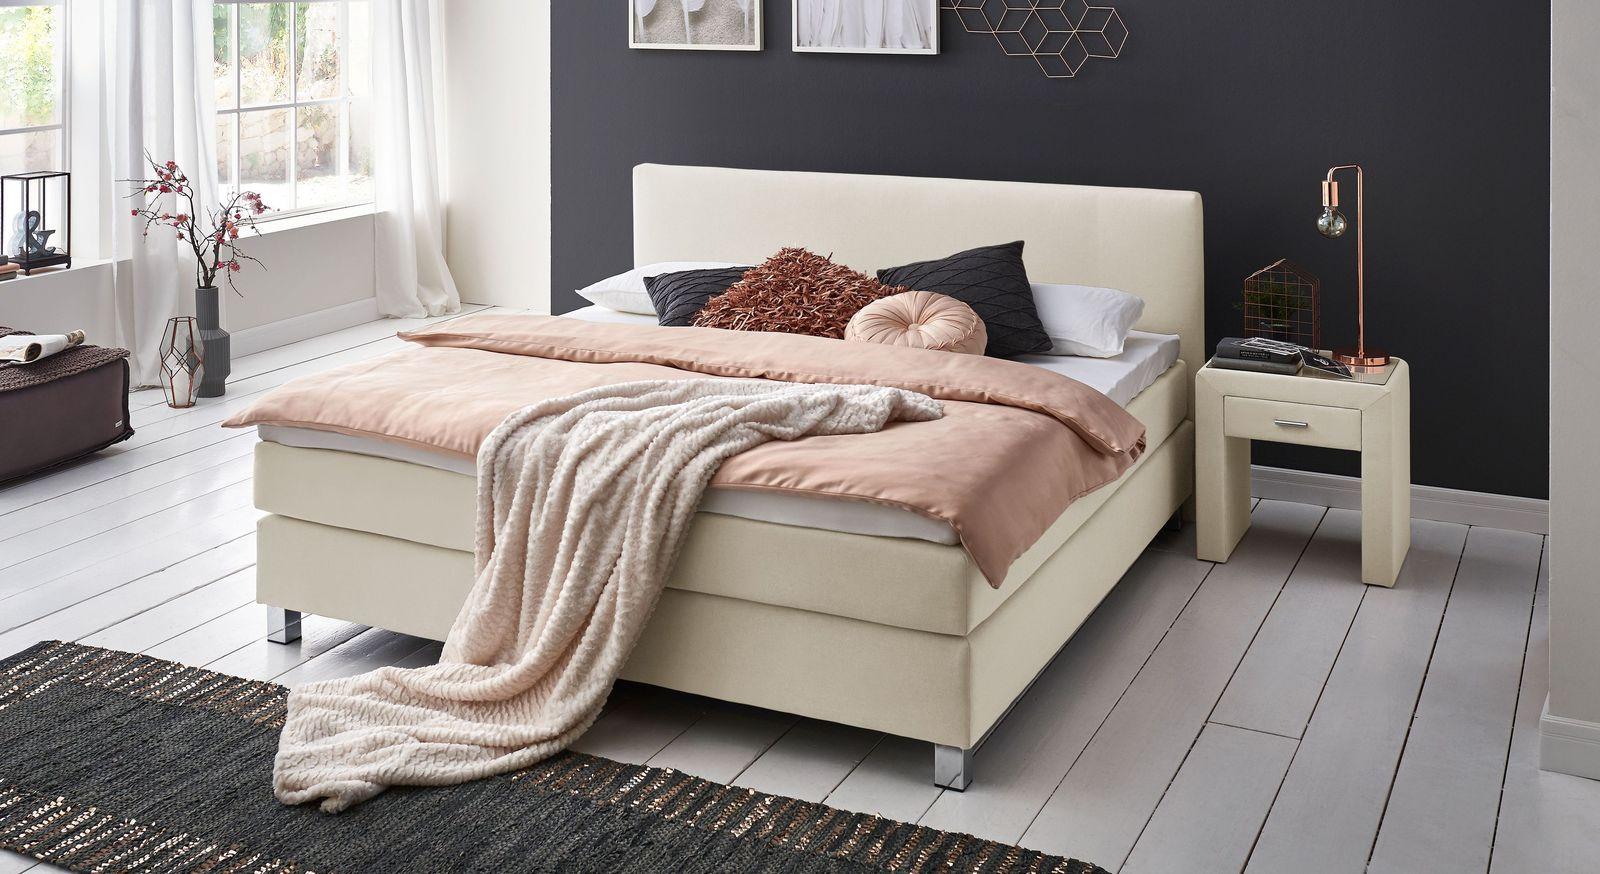 sonstige boxspringbetten und weitere betten g nstig online kaufen bei m bel garten. Black Bedroom Furniture Sets. Home Design Ideas